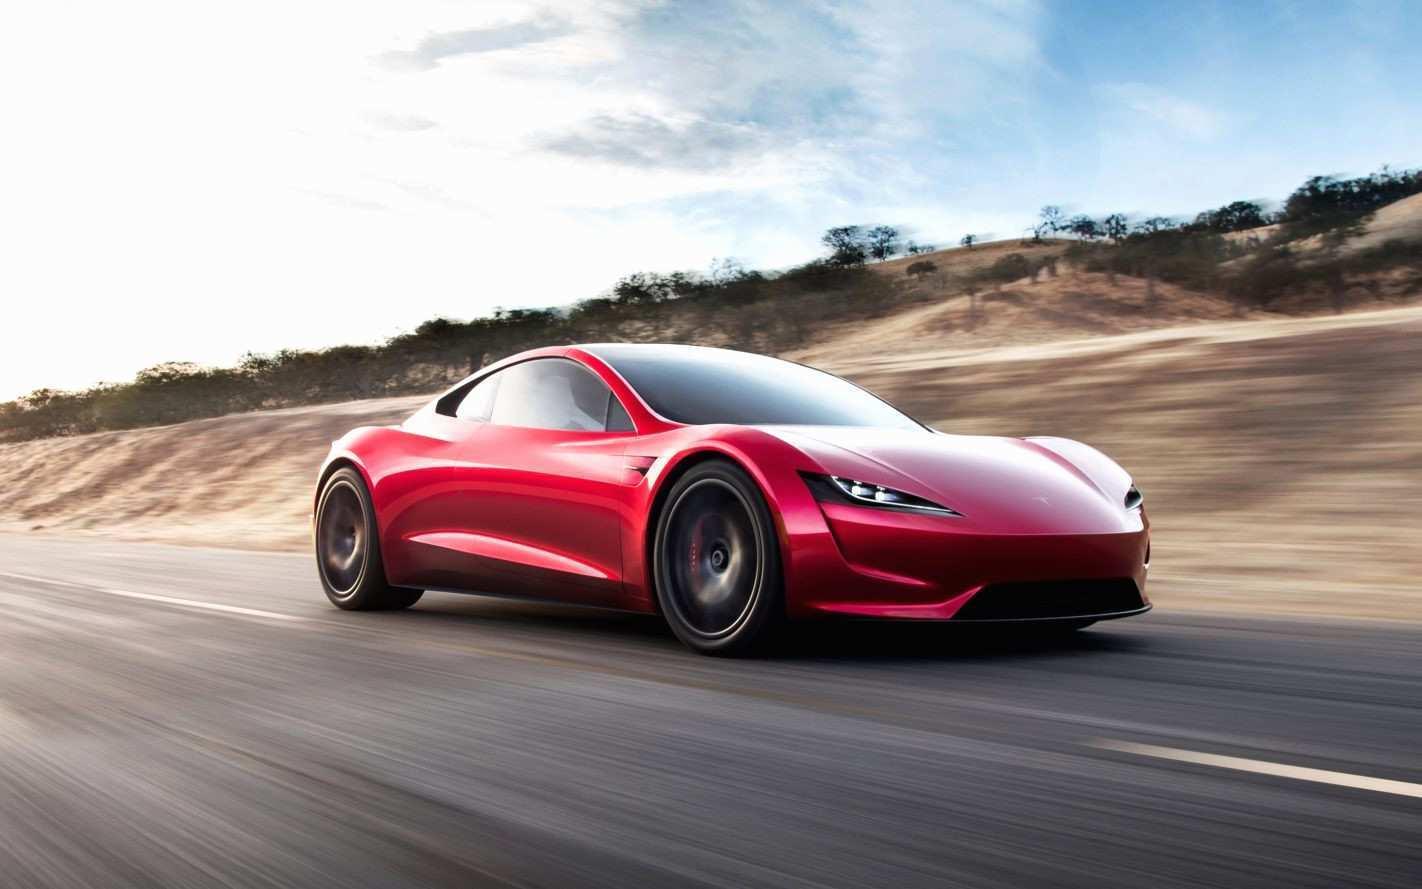 La Tesla Roadster pourrait avoir plus de 1000 km d'autonomie